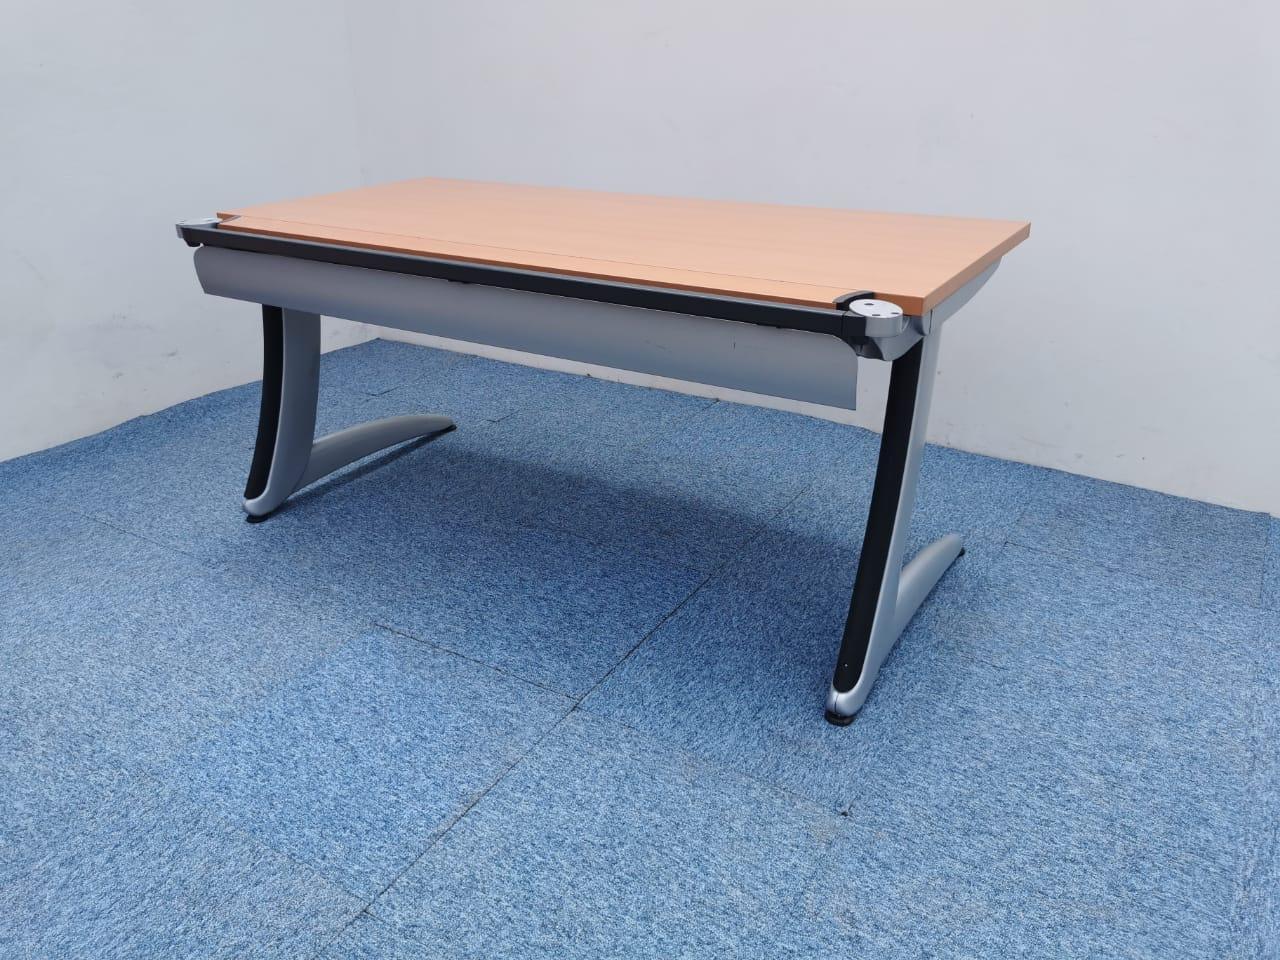 Bureau droit 160x80cm Steelcase couleur merisier